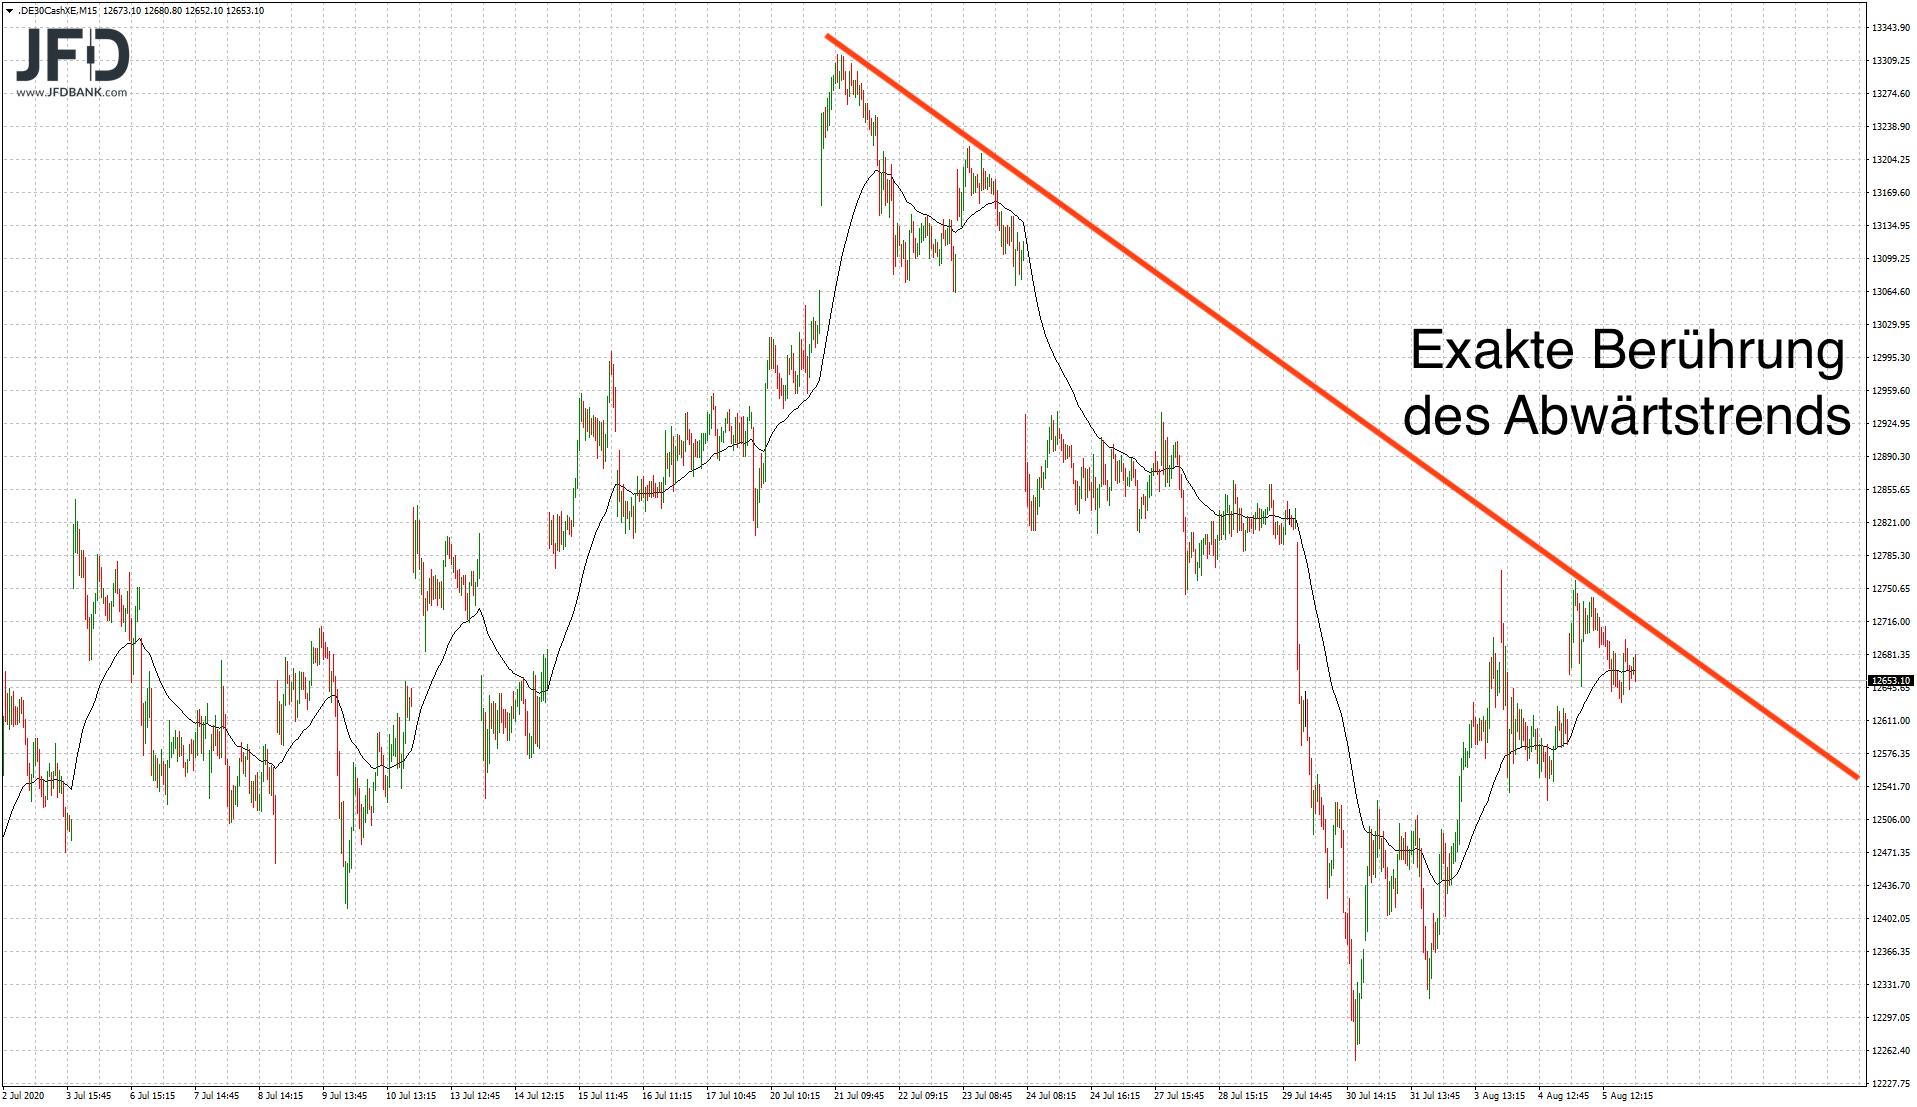 Trading-Chancen-am-DAX-Abwärtstrend-Kommentar-JFD-Bank-GodmodeTrader.de-6